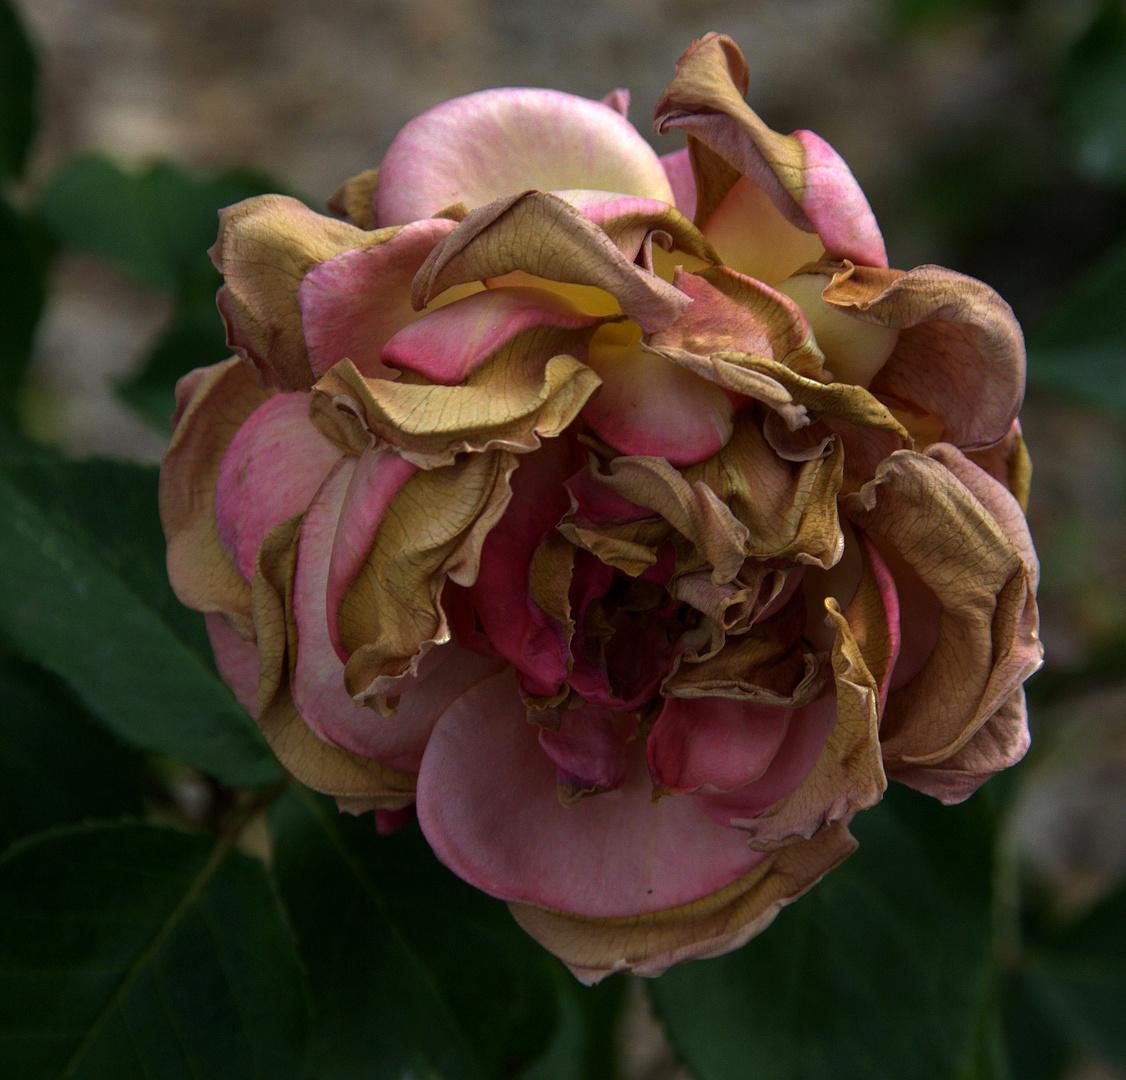 Mon amie la rose est morte ce matin